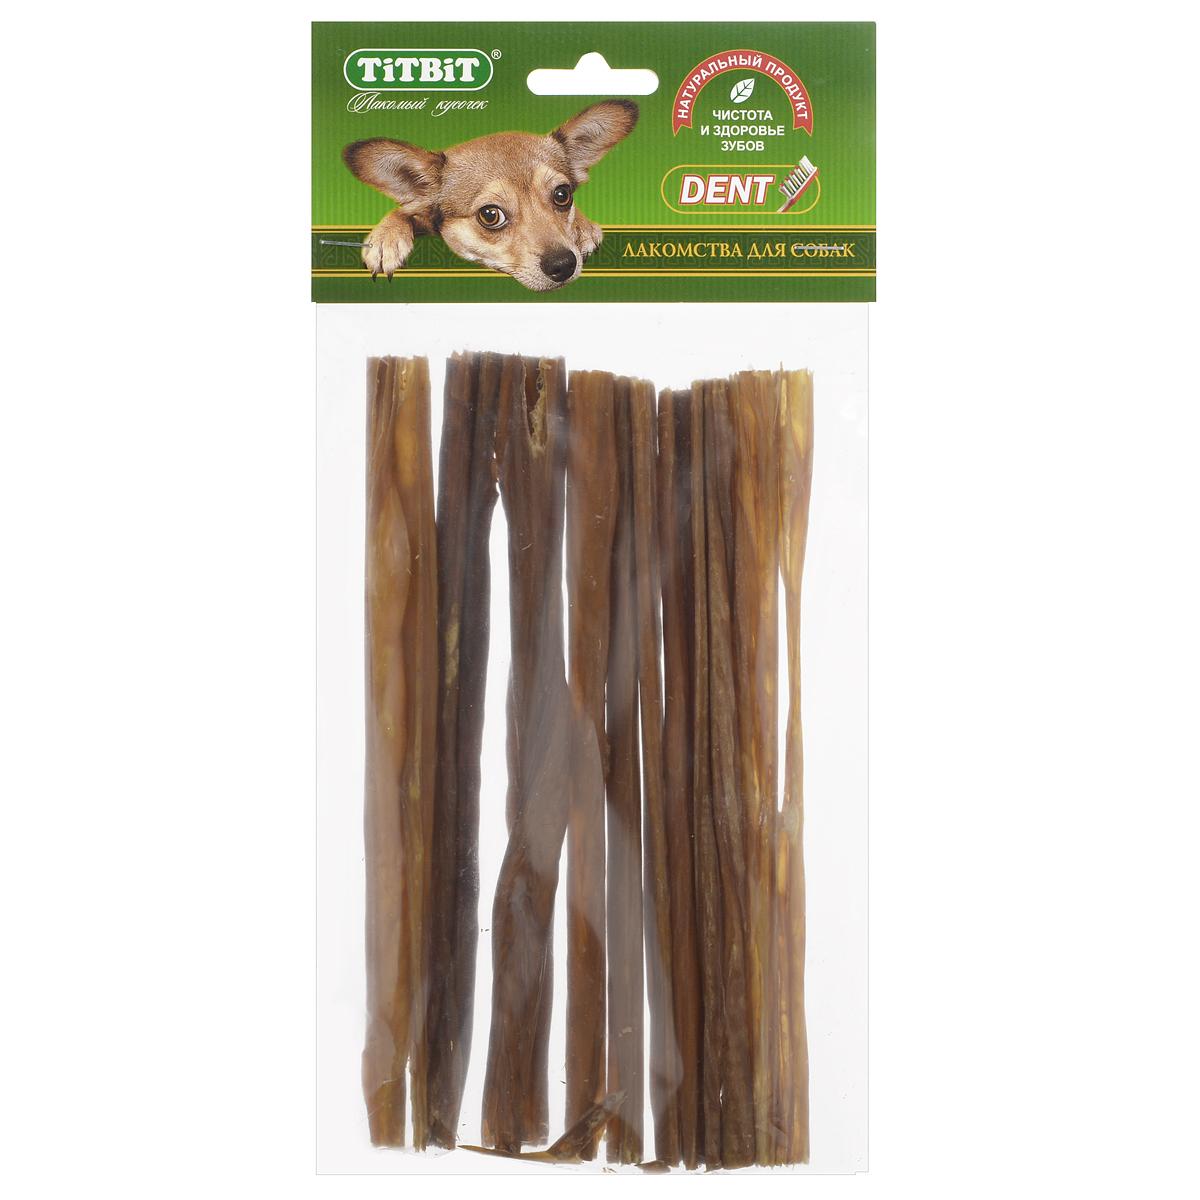 Лакомство для собак Titbit, кишки говяжьи, длина 19 см3987Лакомство для собак Titbit изготовлено из высушенных говяжьих кишков. Упаковка содержит 12-16 штук длиной 19 см. Легкоусвояемое лакомство, богатое витаминами и ферментами микрофлоры кишечника крупного рогатого скота. Имеют большую энергетическую ценность из-за повышенного содержания жира. Богаты протеинами, которые содержат все незаменимые аминокислоты и потому усваиваются на 90-95%. Содержат минеральные вещества в большем количестве, чем все остальные продукты (в том числе кальций, магний и фосфор), жирорастворимые витамины, а также водорастворимые витамины. Рекомендации к применению: очищает зубы у мелких пород собак, продукт полезен для стимуляции пищеварения. Рекомендовано для профилактики витаминного и ферментного дефицита у собак всех пород. Кишки - лакомства очень концентрированные, насыщенные ферментами и богатые жиром. Они не предназначены для частого применения (2, максимум 3 раза в неделю при хорошей переносимости, а также в зависимости от рациона собаки). По той же причине они рекомендованы к применению не ранее чем с 6-месячного возраста. Не рекомендовано давать данный вид лакомств на голодный желудок. Состав: высушенные говяжьи кишки.Товар сертифицирован.